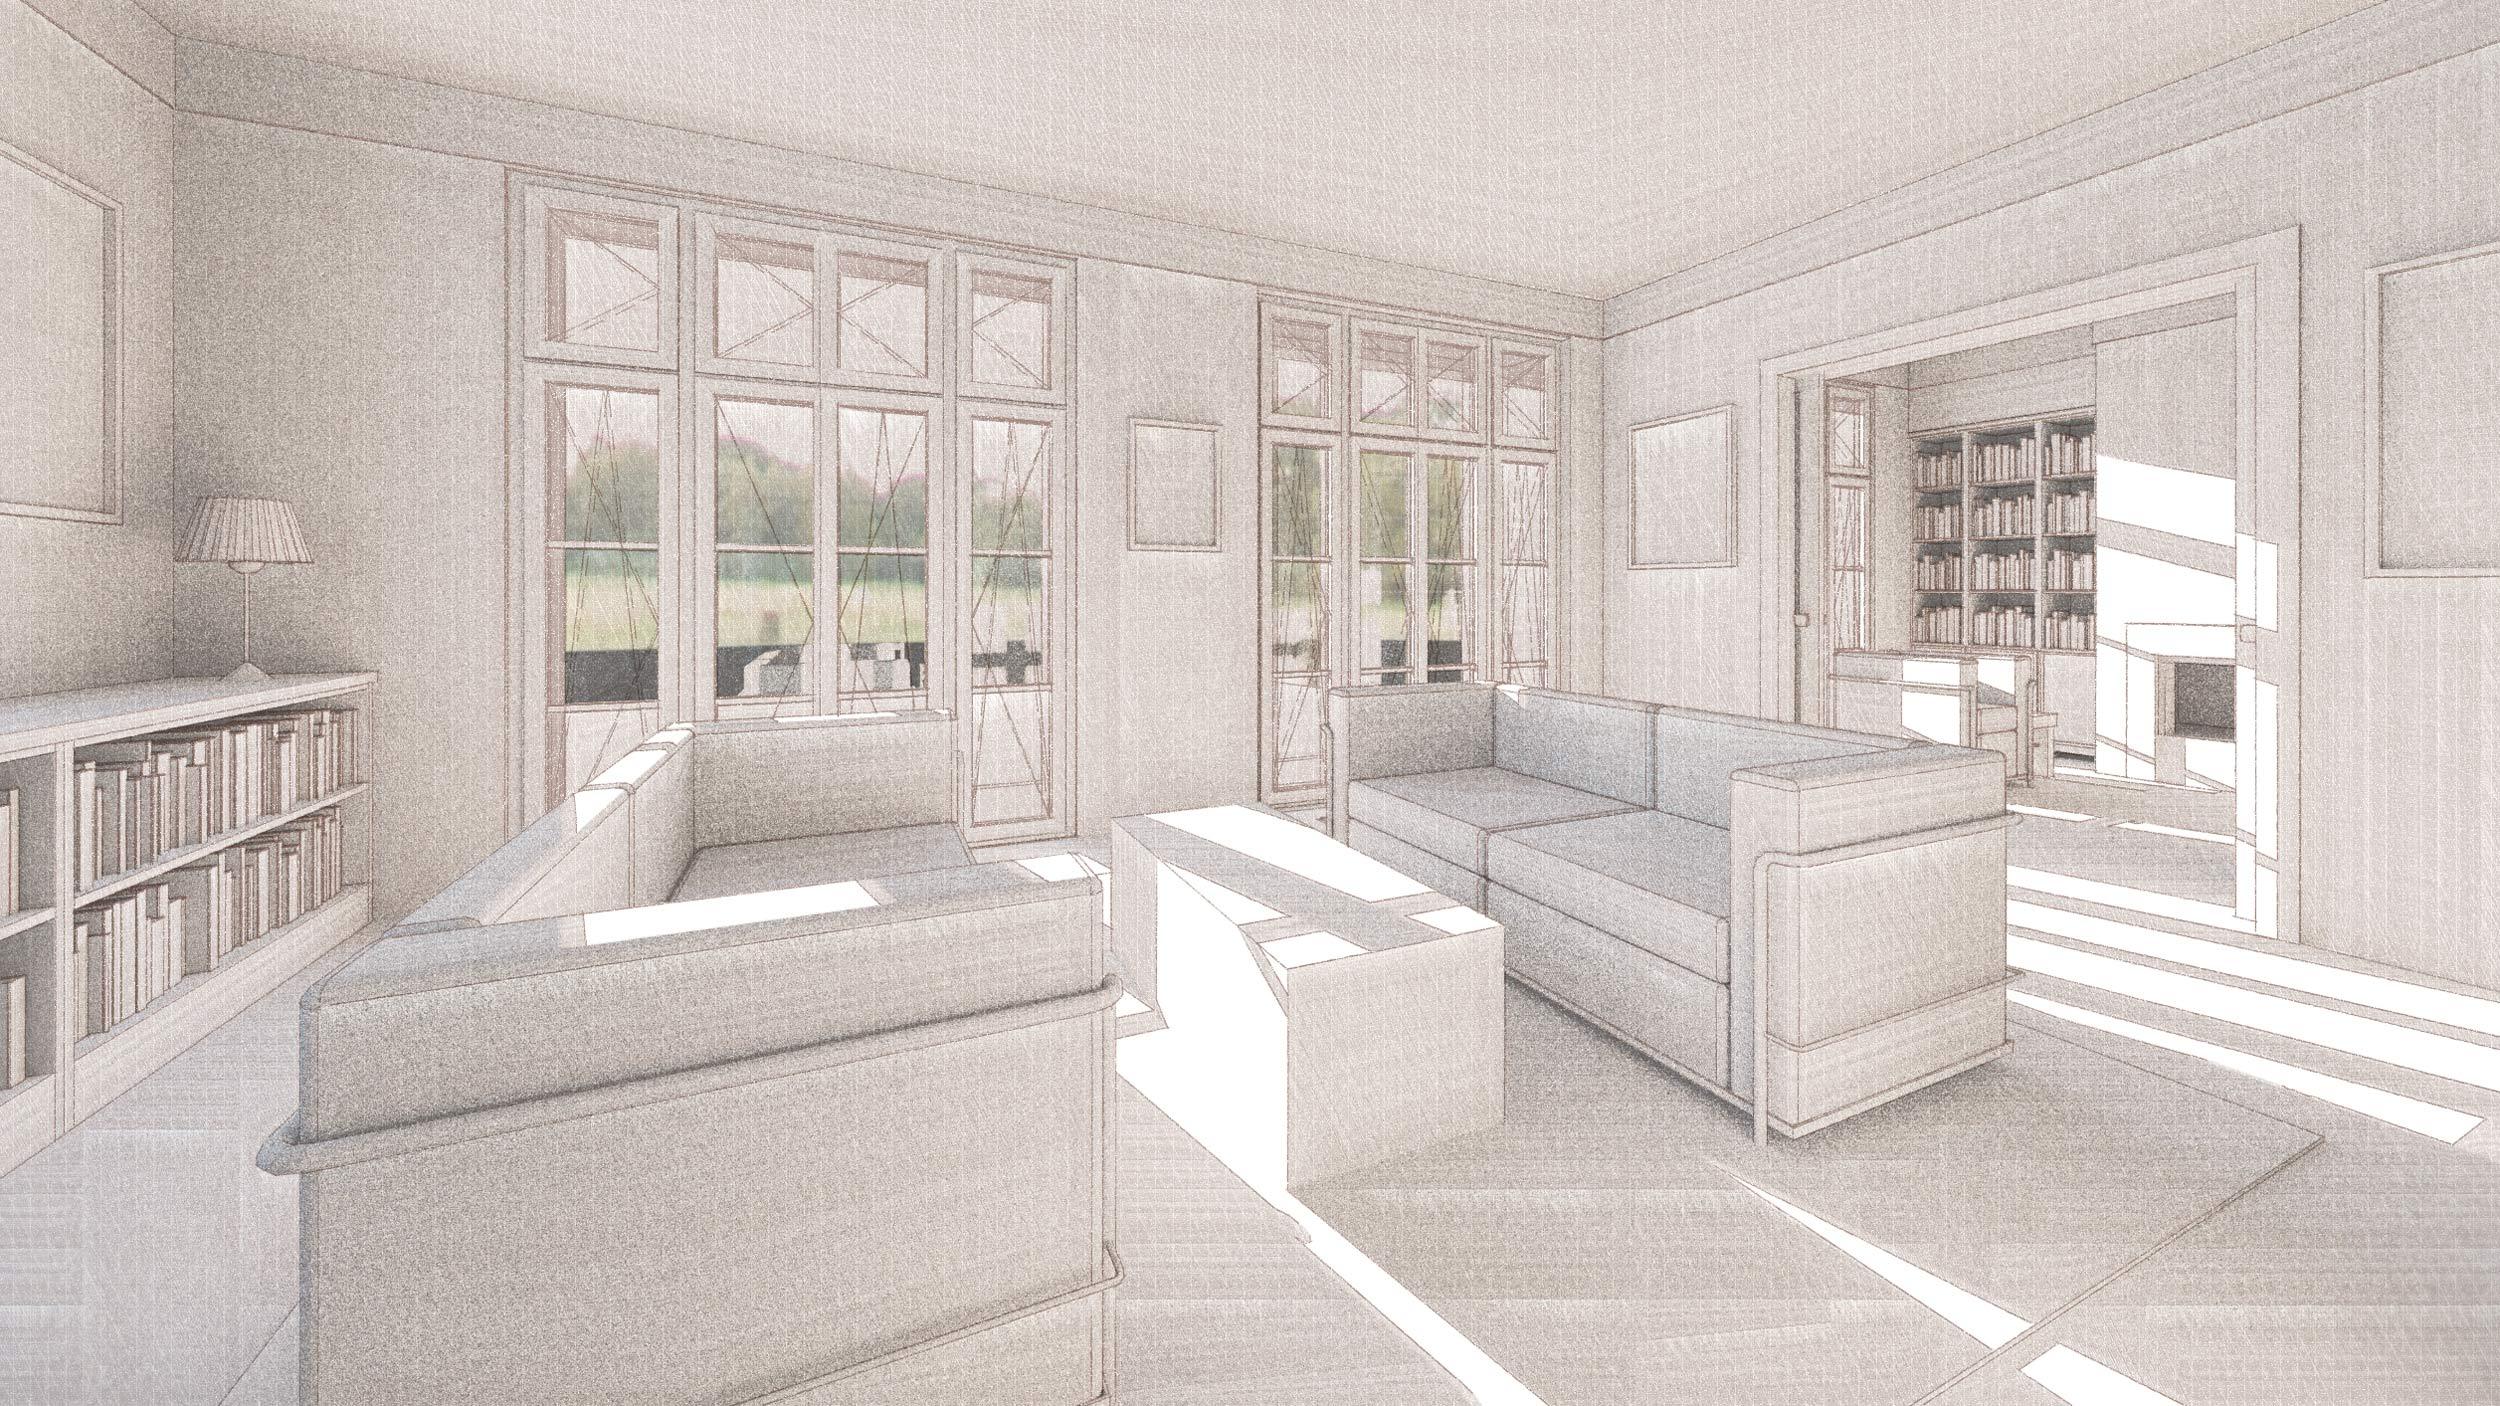 Realisierung eines Landhauses mit klassischer Prägung - Die Schiebetür erlaubt einen Durchblick zur Bibliothek mit Kamin.